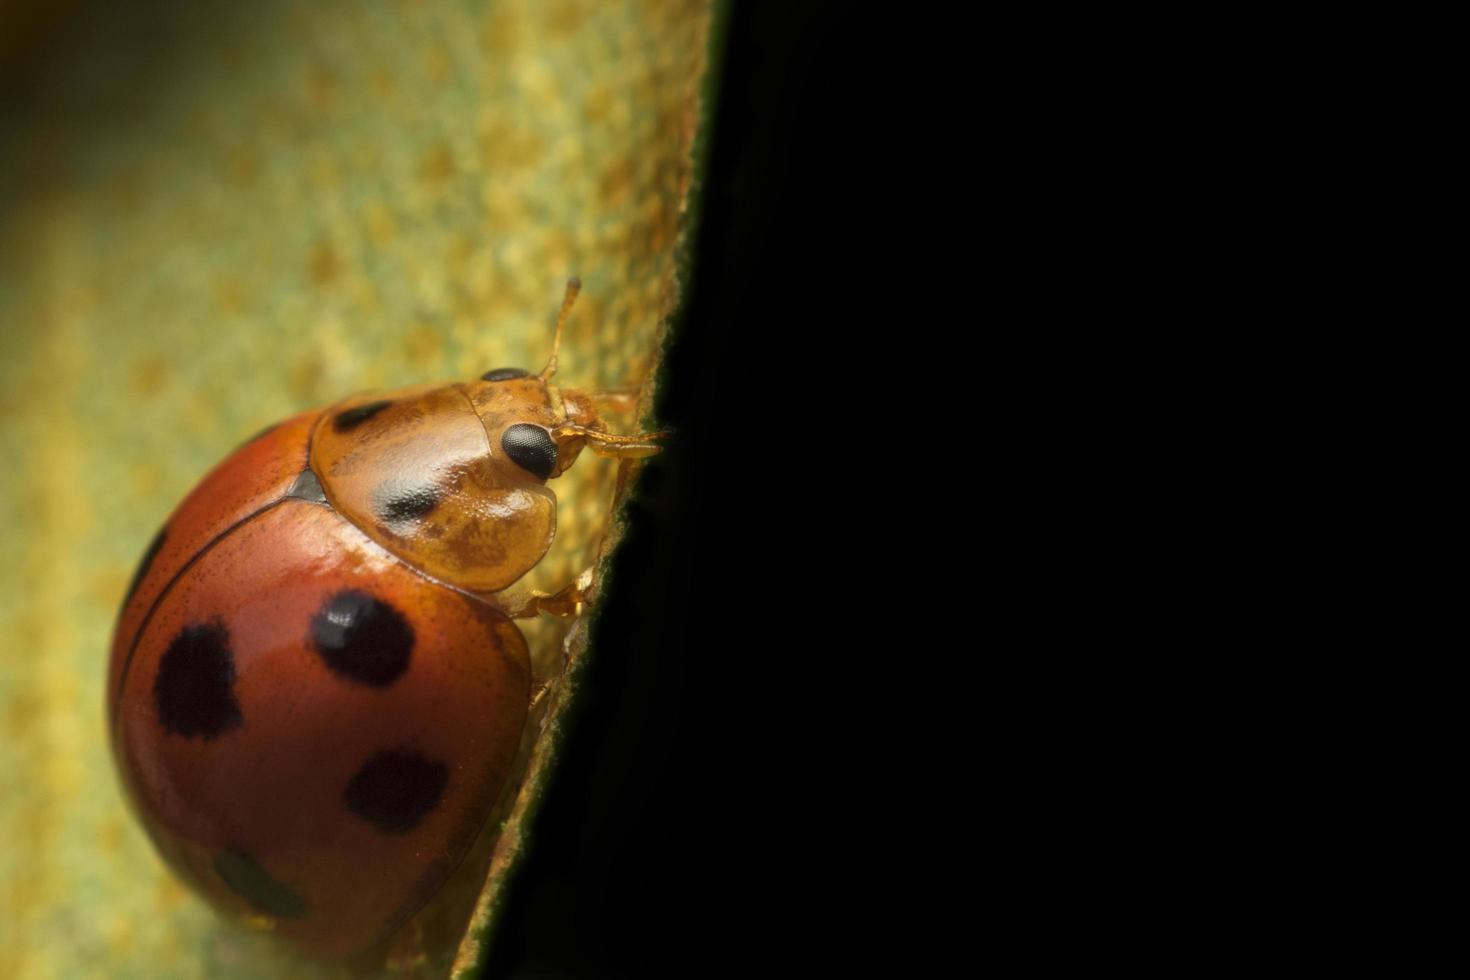 Ladybug on green leaf  photo